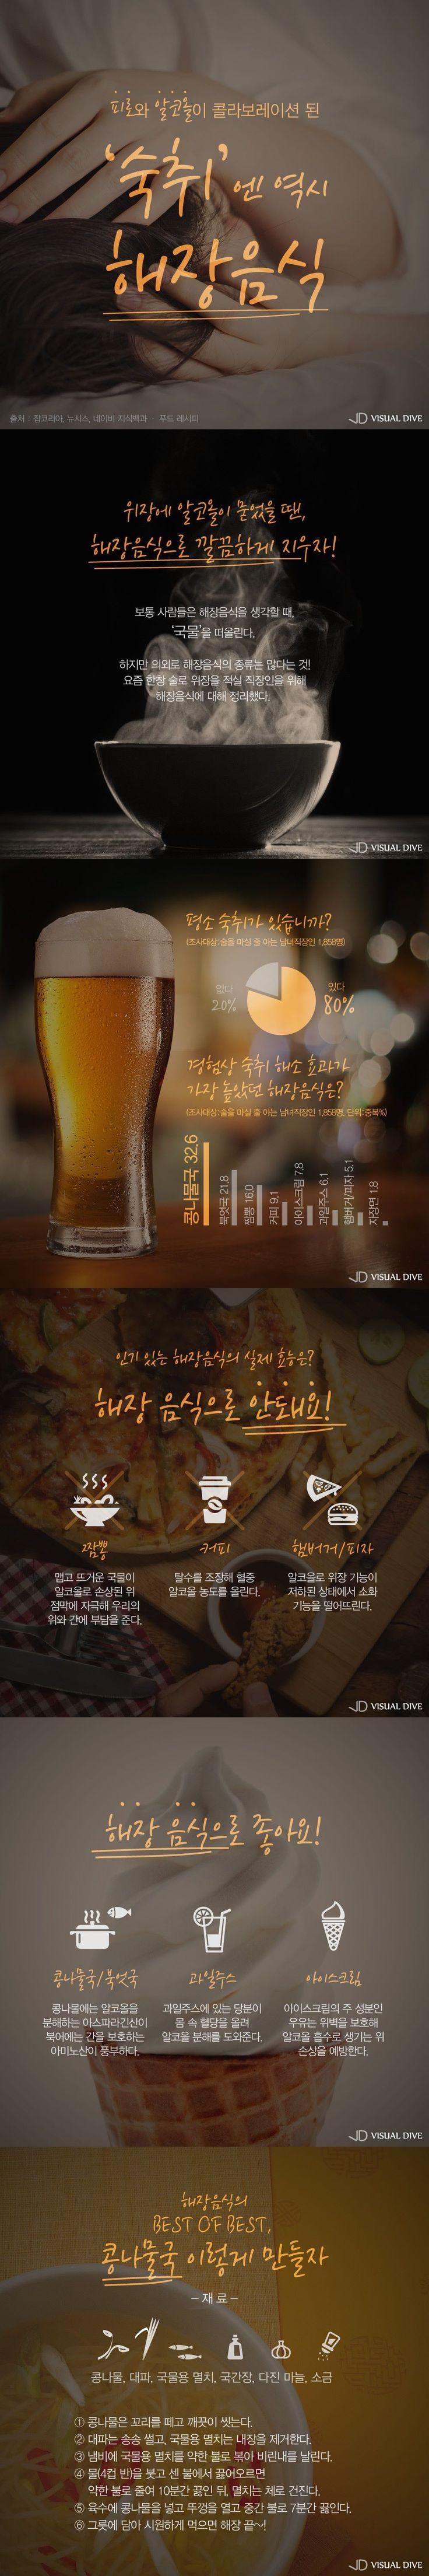 숙취에 도움 되는 해장음식 [카드뉴스] #food / #Infographic ⓒ 비주얼다이브 무단 복사·전재·재배포 금지